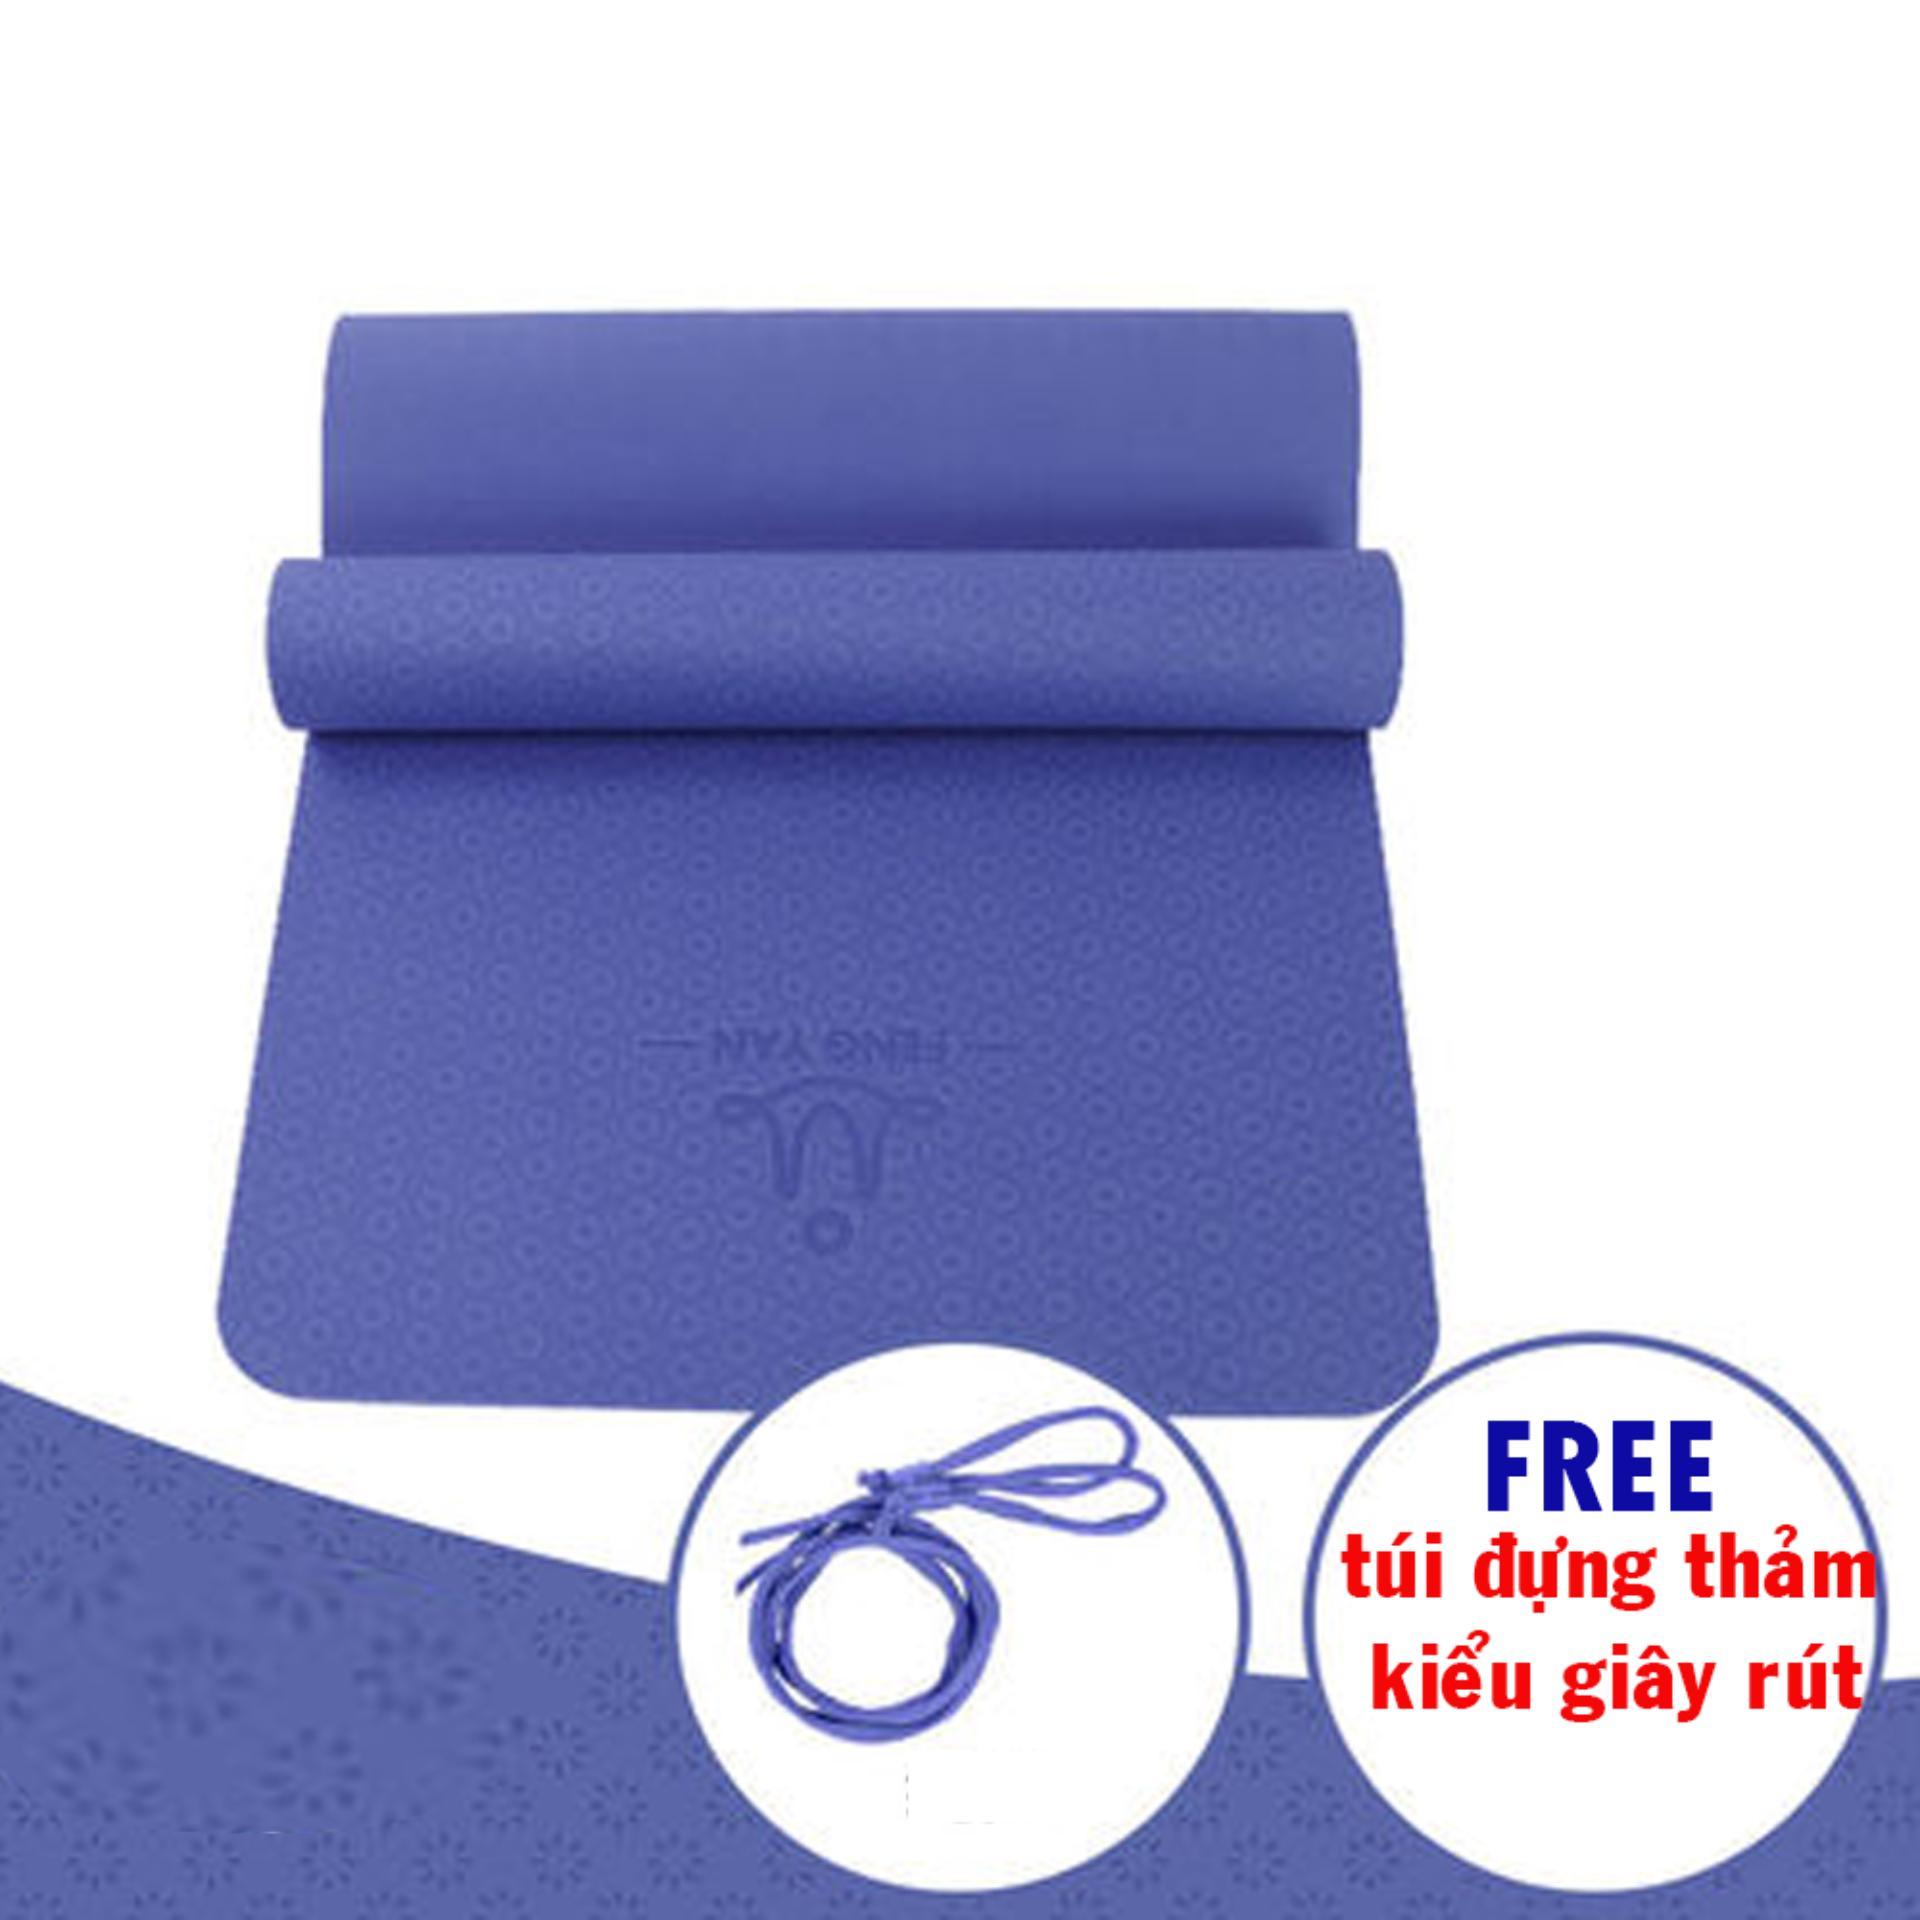 Thảm tập yoga TPE 8mm cao cấp kèm túi kiểu dây rút (Xanh coban)